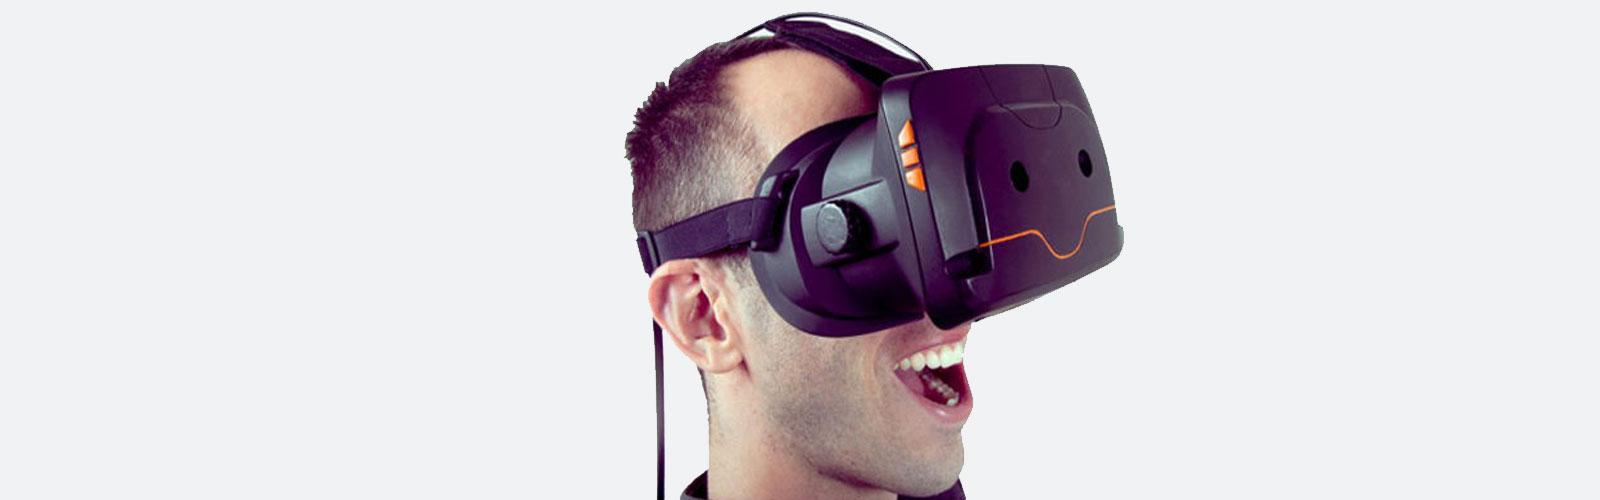 stubhub-realite-virtuelle